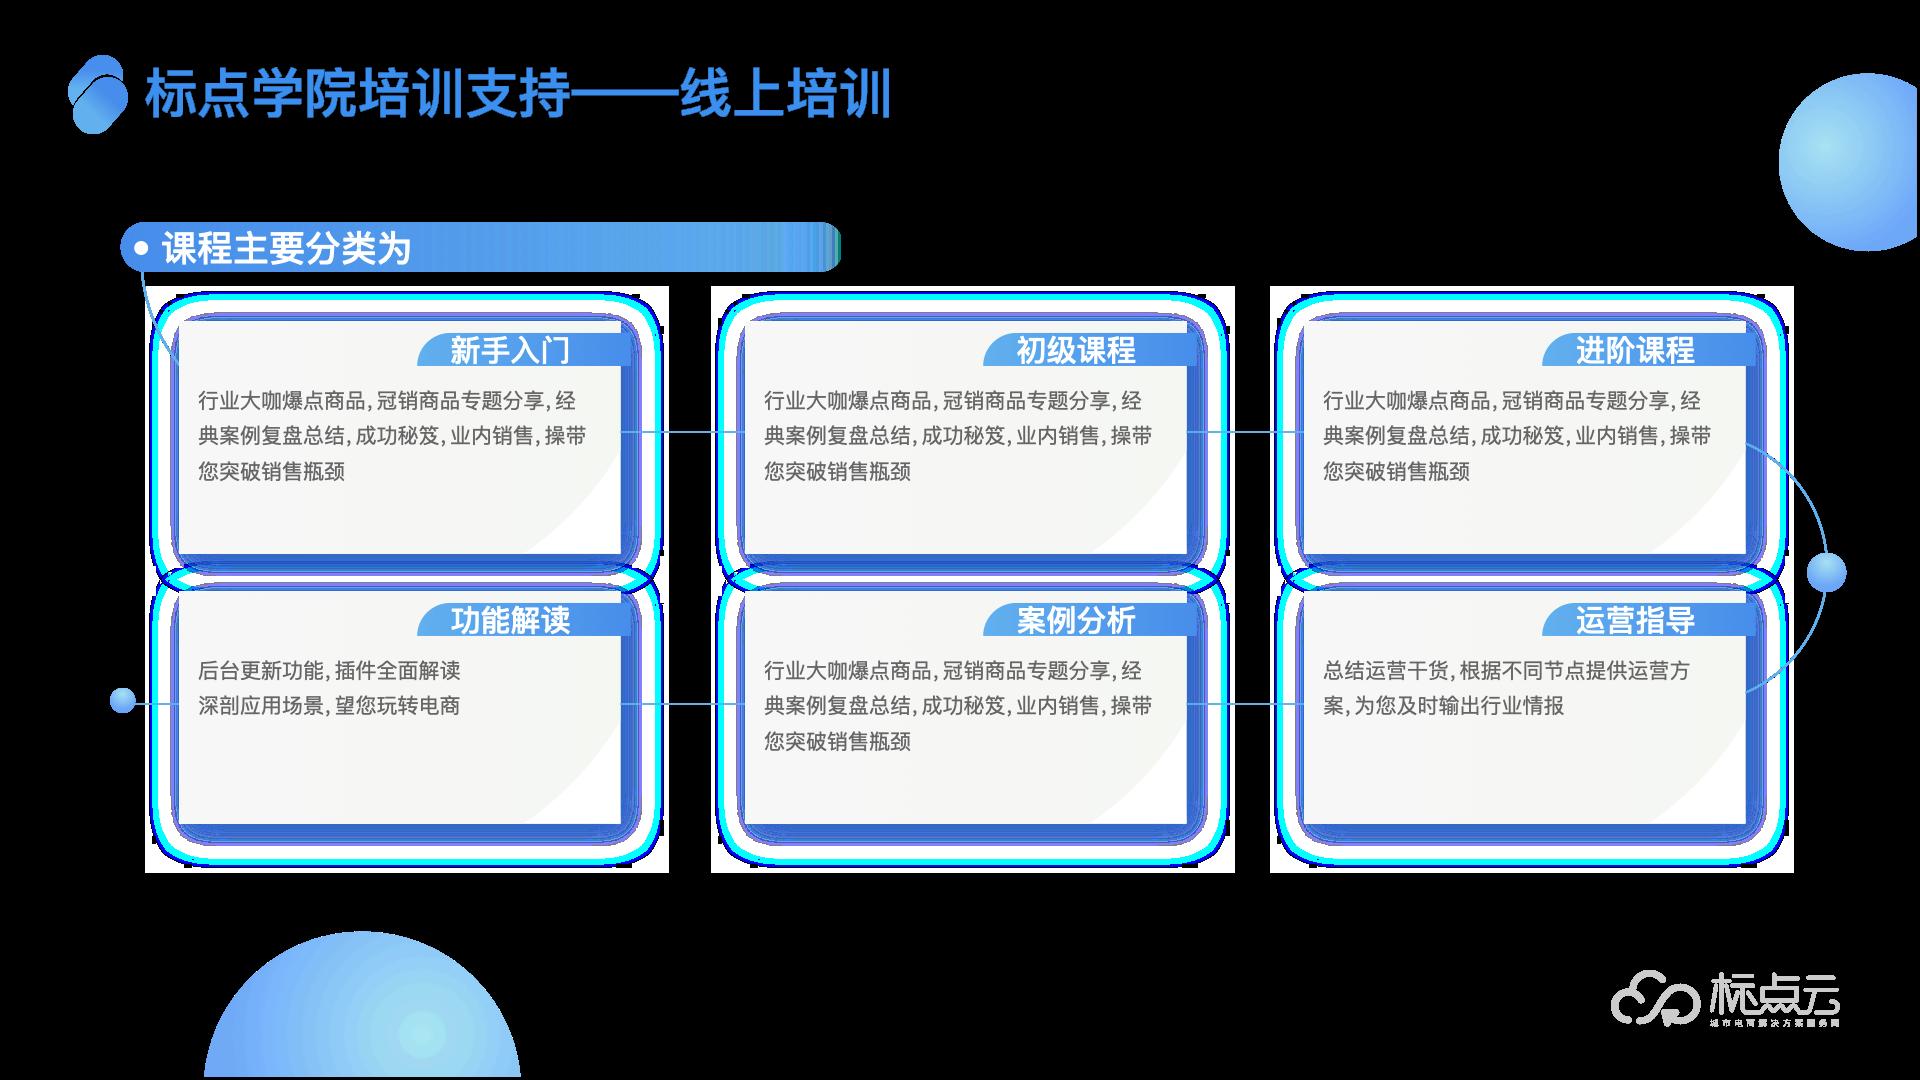 标点云 城市生活服务电商小程序